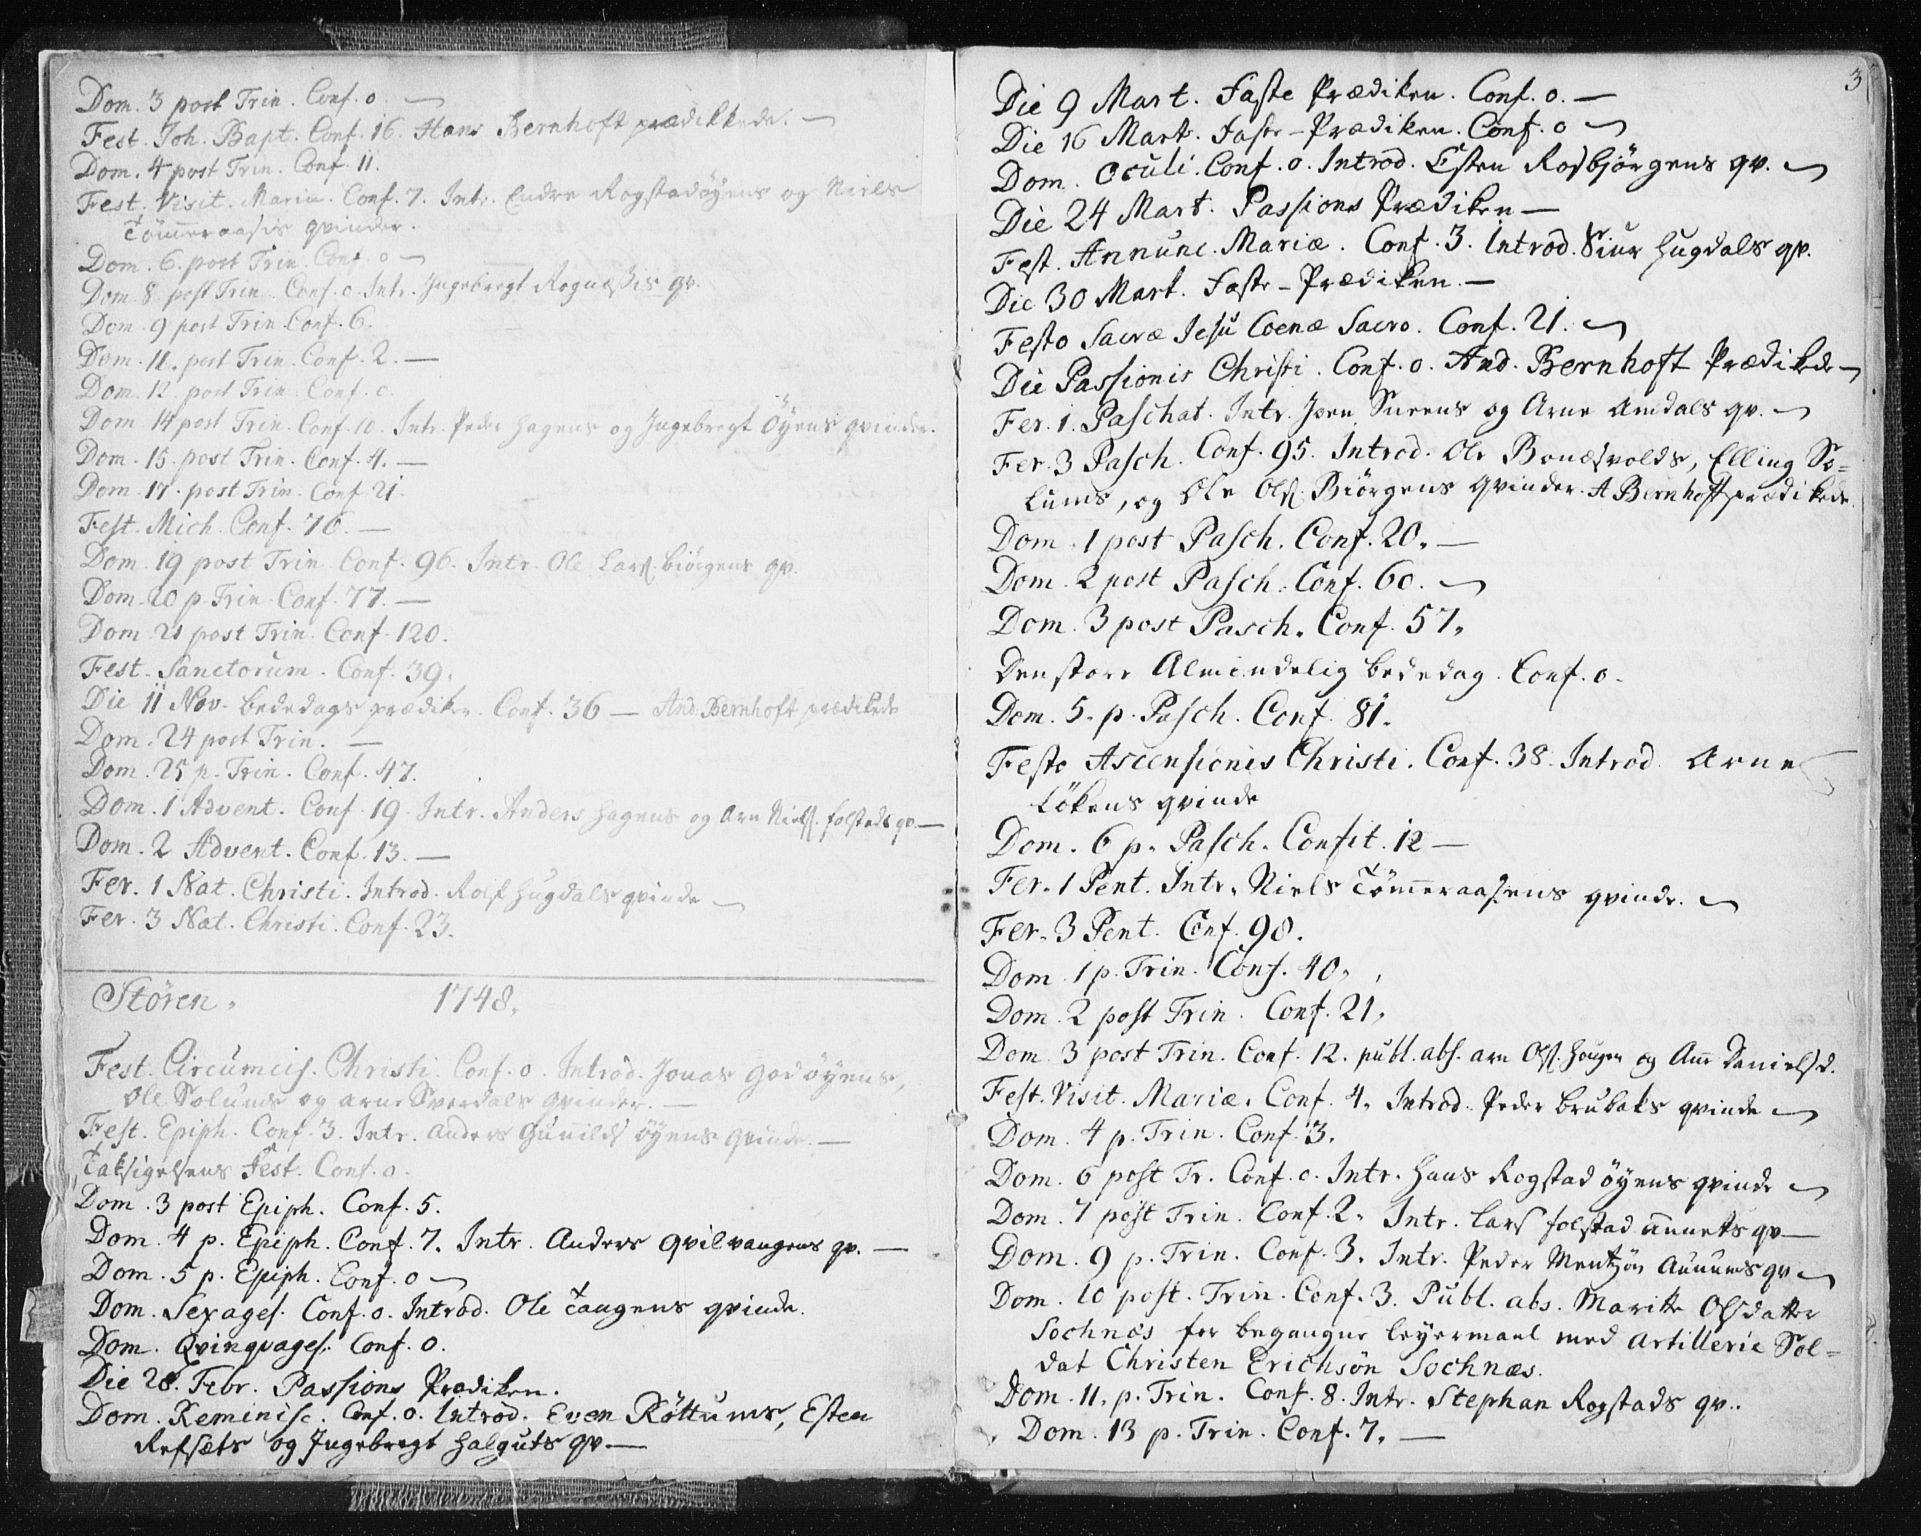 SAT, Ministerialprotokoller, klokkerbøker og fødselsregistre - Sør-Trøndelag, 687/L0991: Ministerialbok nr. 687A02, 1747-1790, s. 3